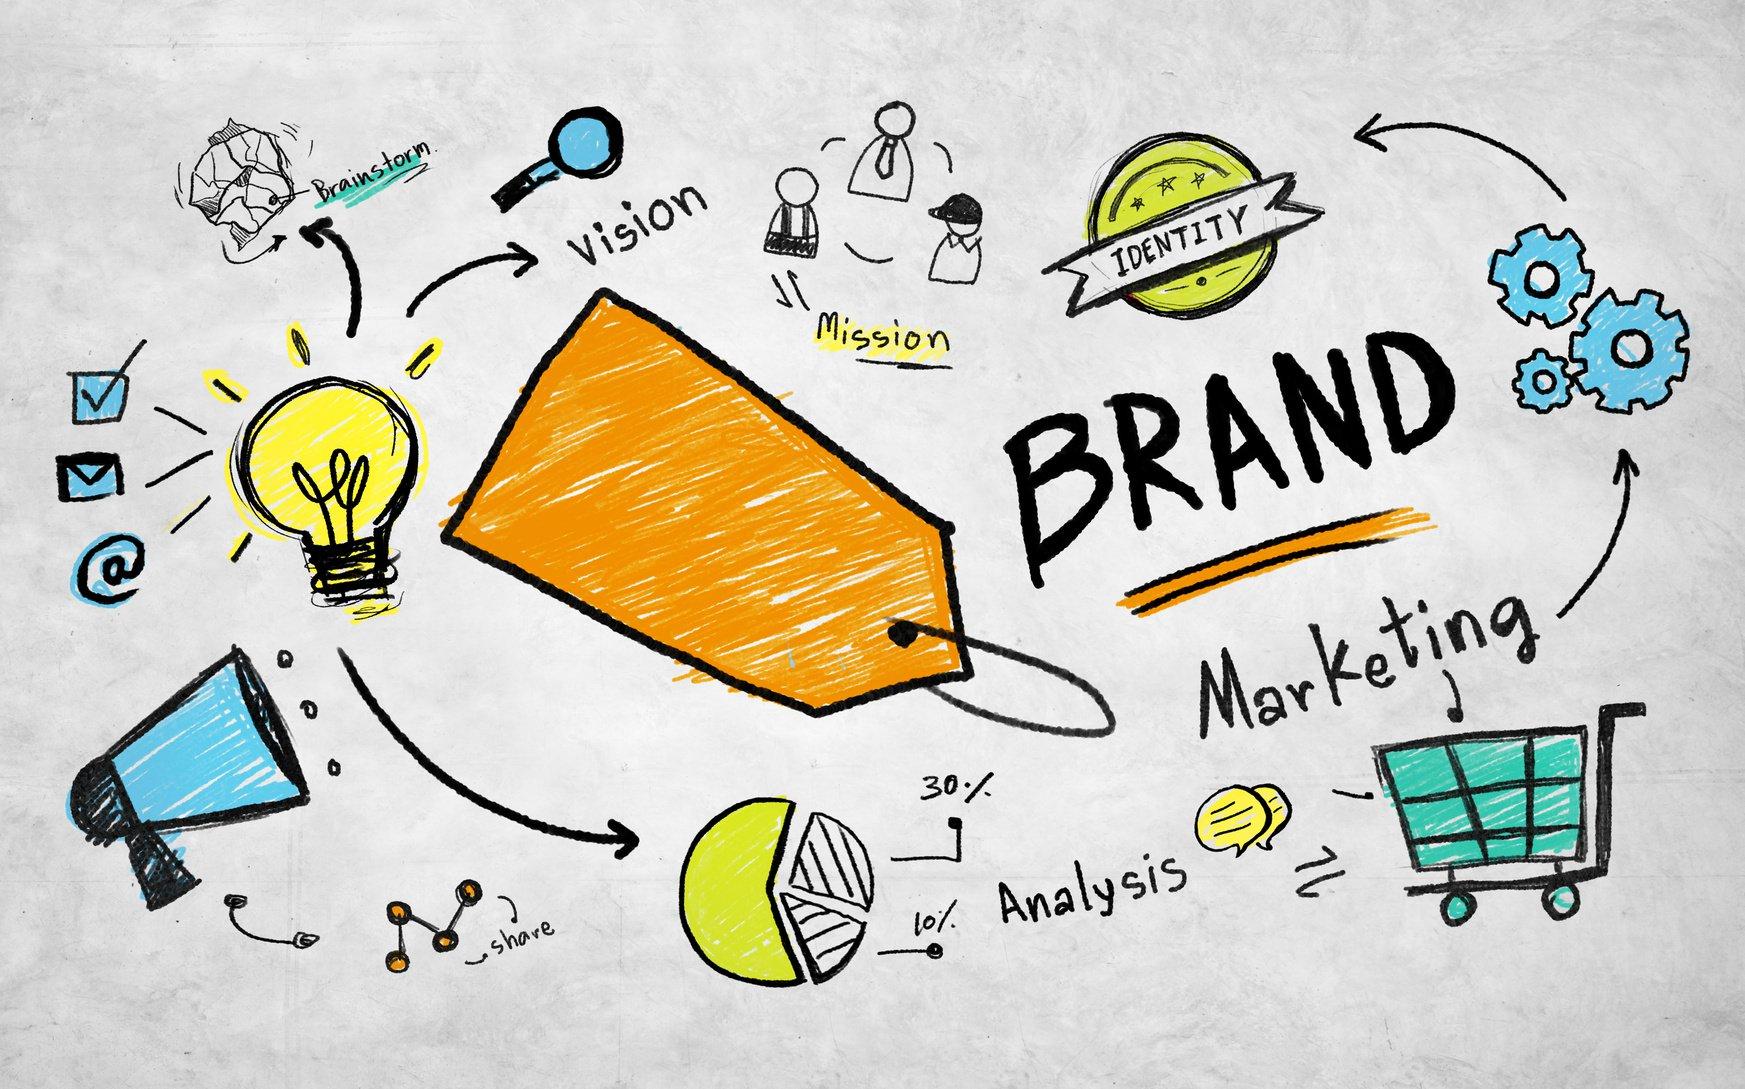 Nhận diện thương hiệu là gì? 7 bước xây dựng quy trình chiến lược marketing nhận diện thương hiệu 3